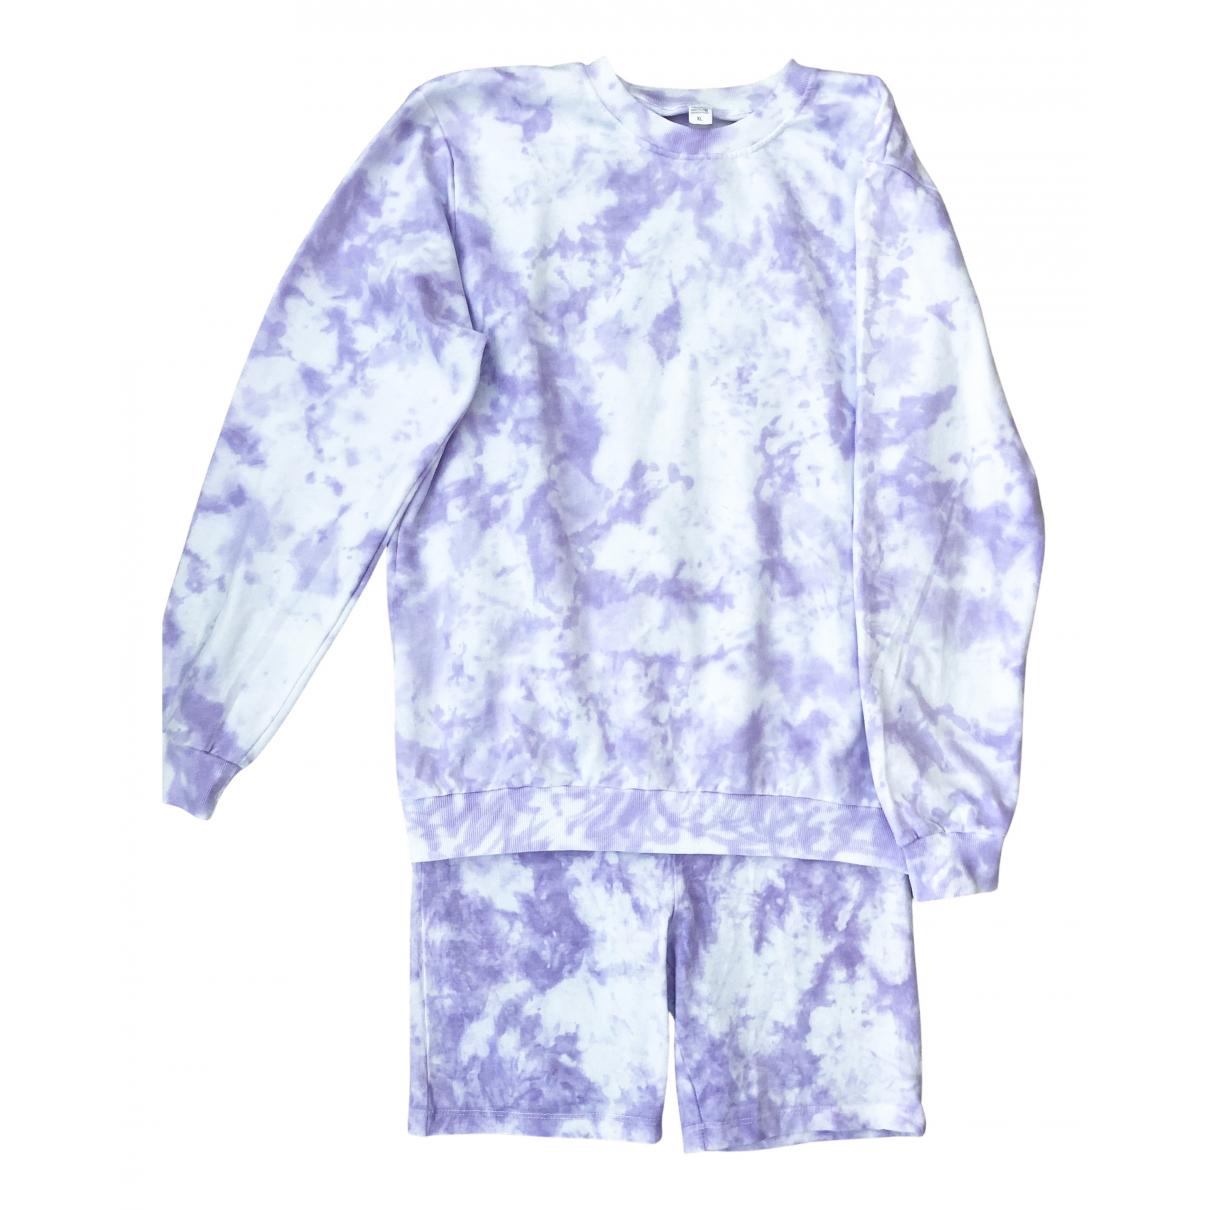 Reckless Minds - Combinaison   pour femme en coton - violet